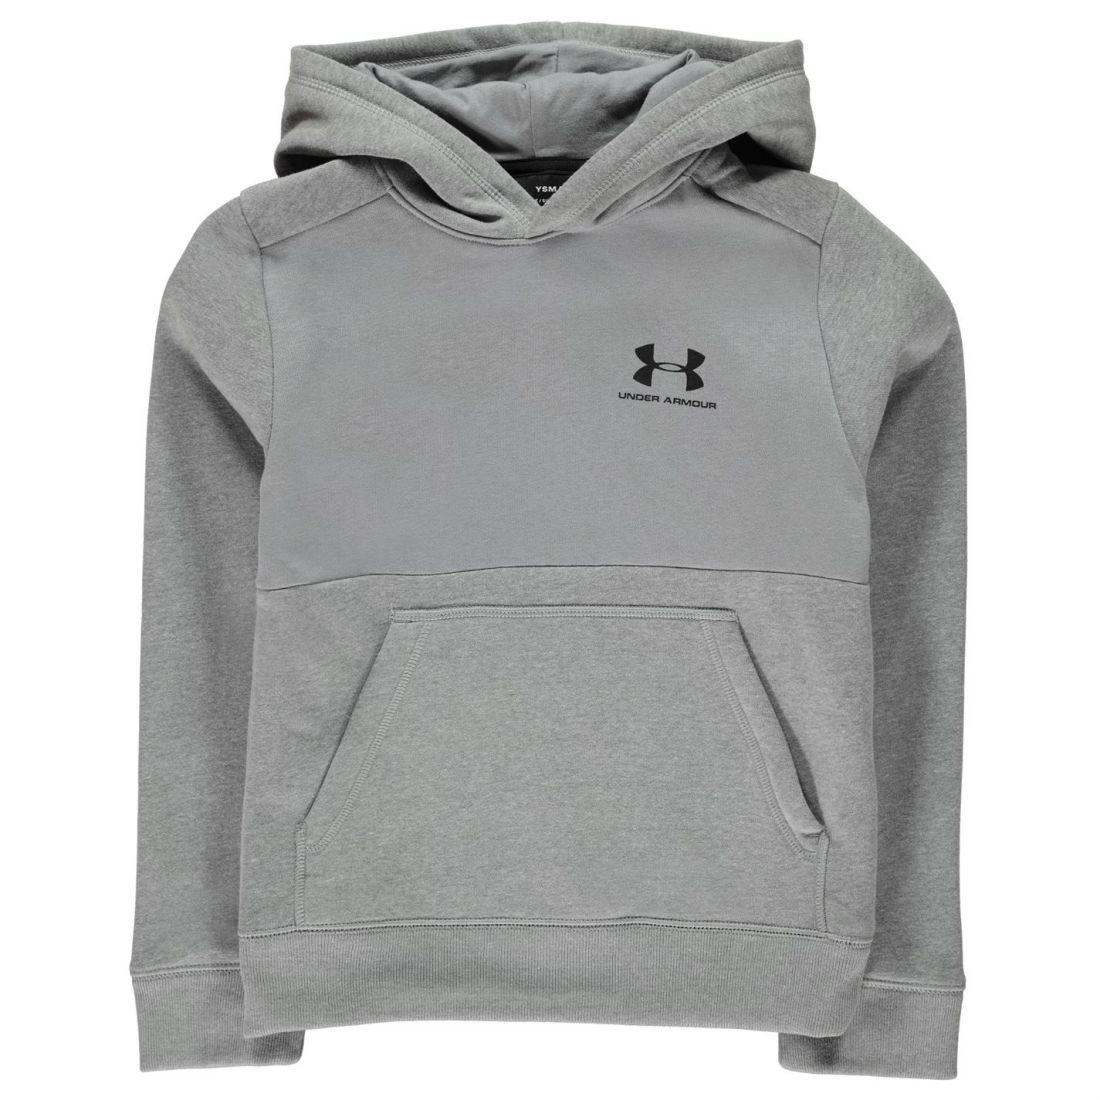 Under Armour Logo OTH Hoodie Jeune Garçons Sweat à capuche Haut à Capuche pleine longueur manches